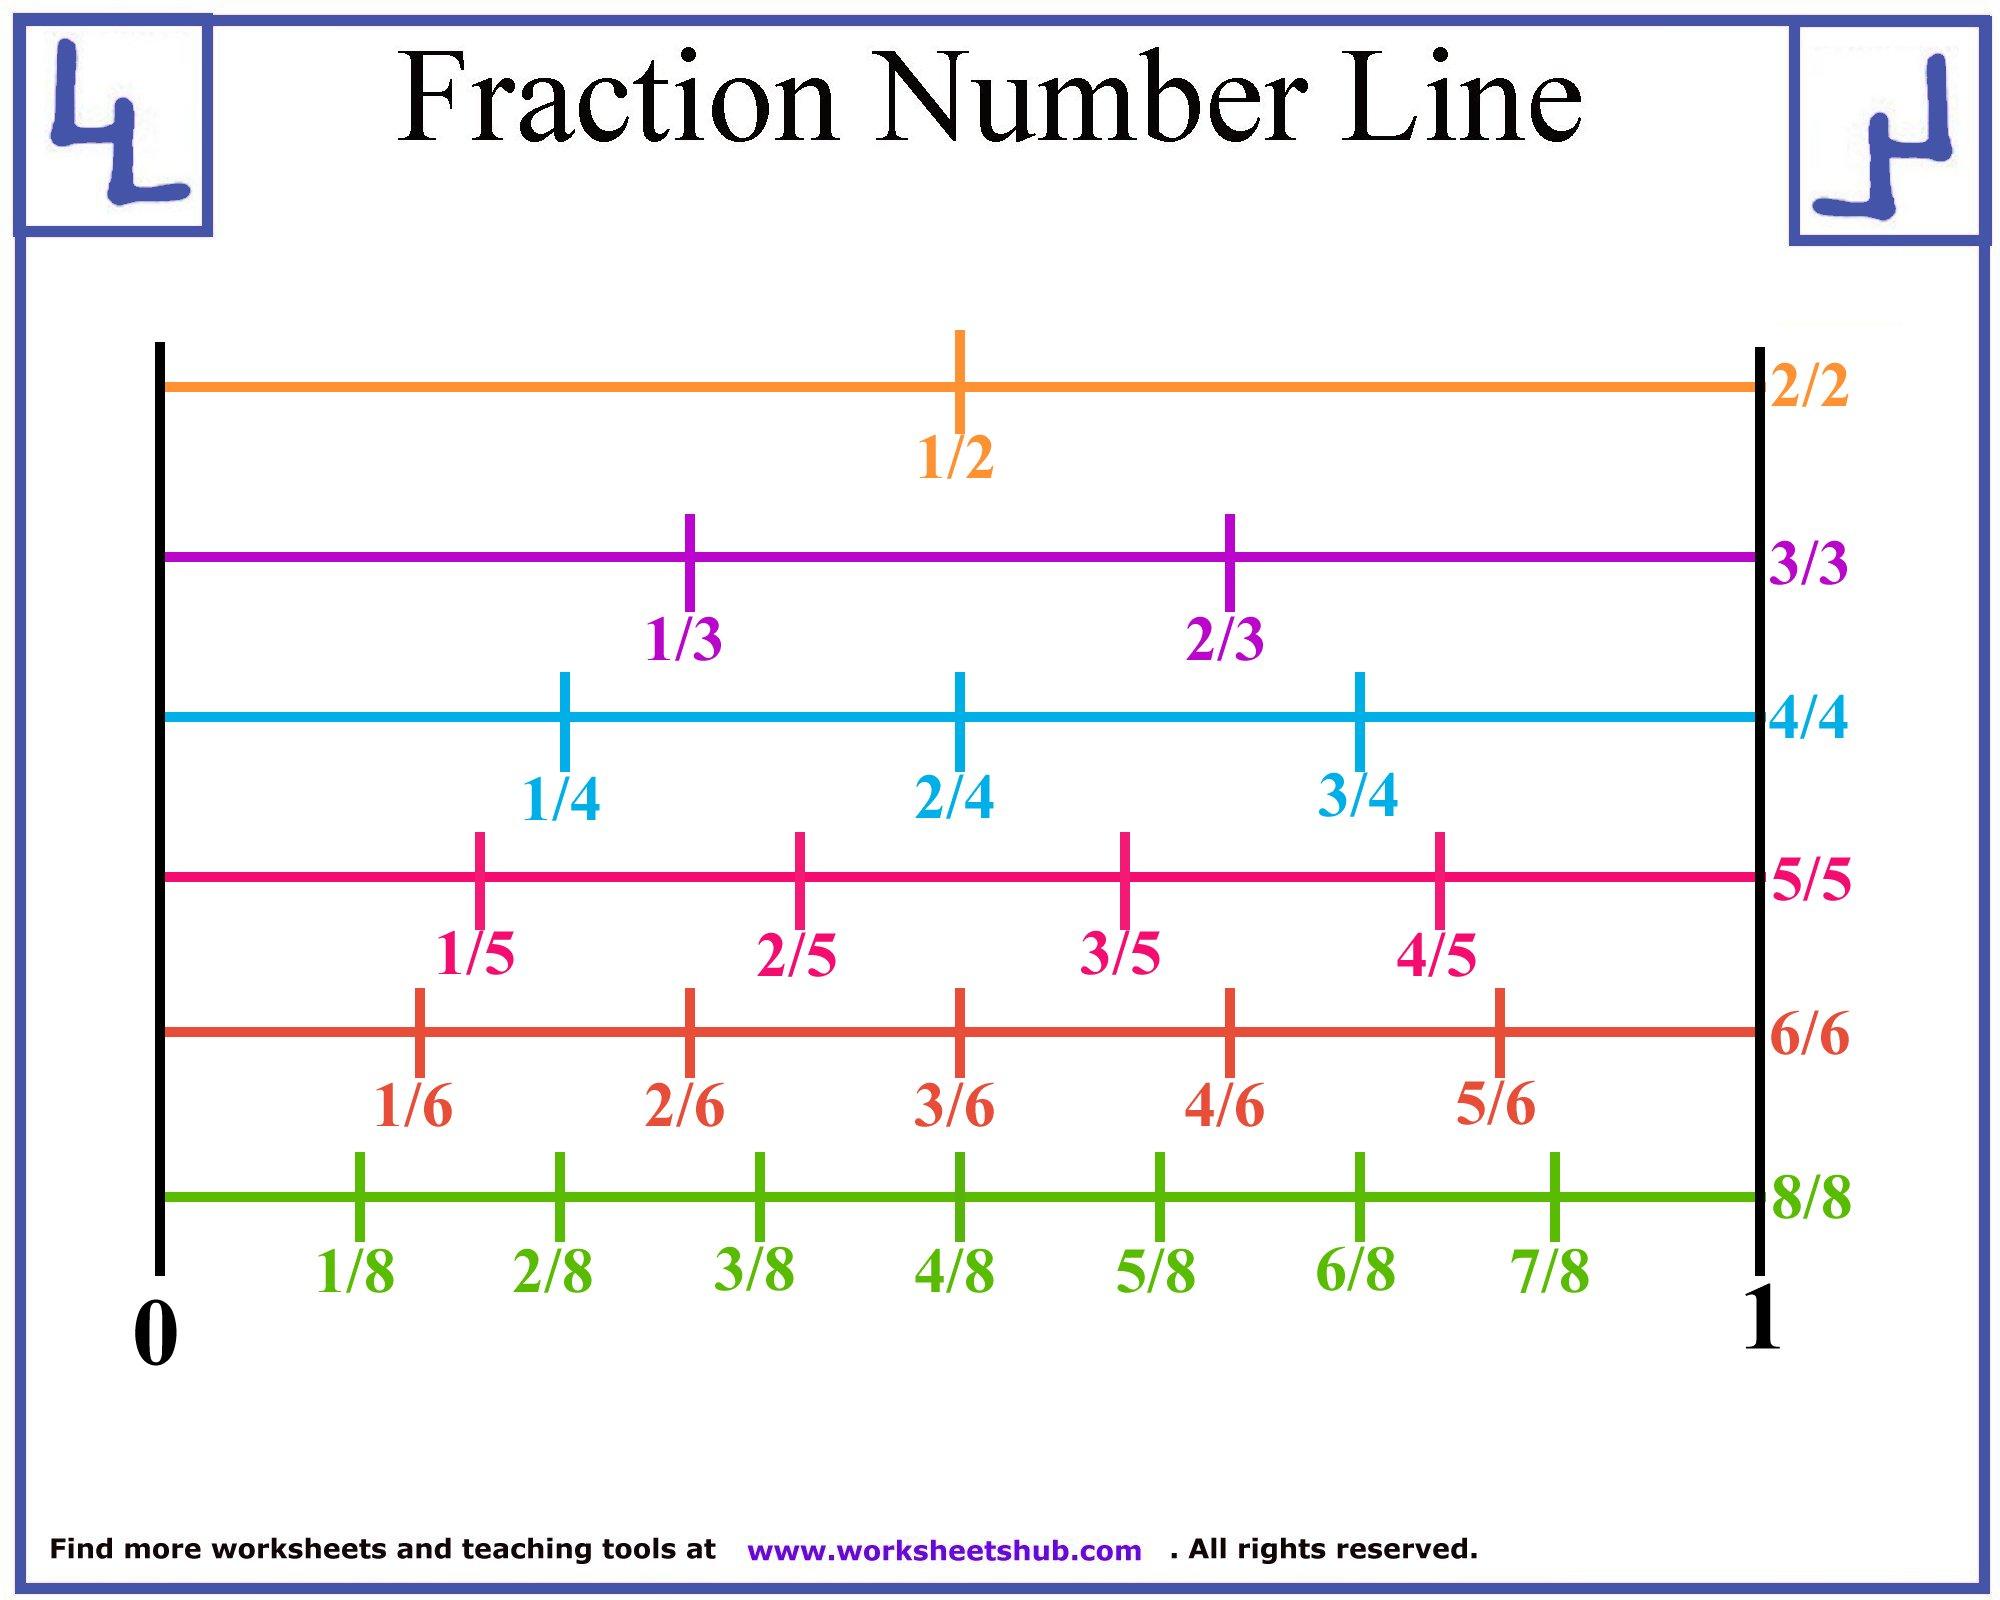 fraction number line 2